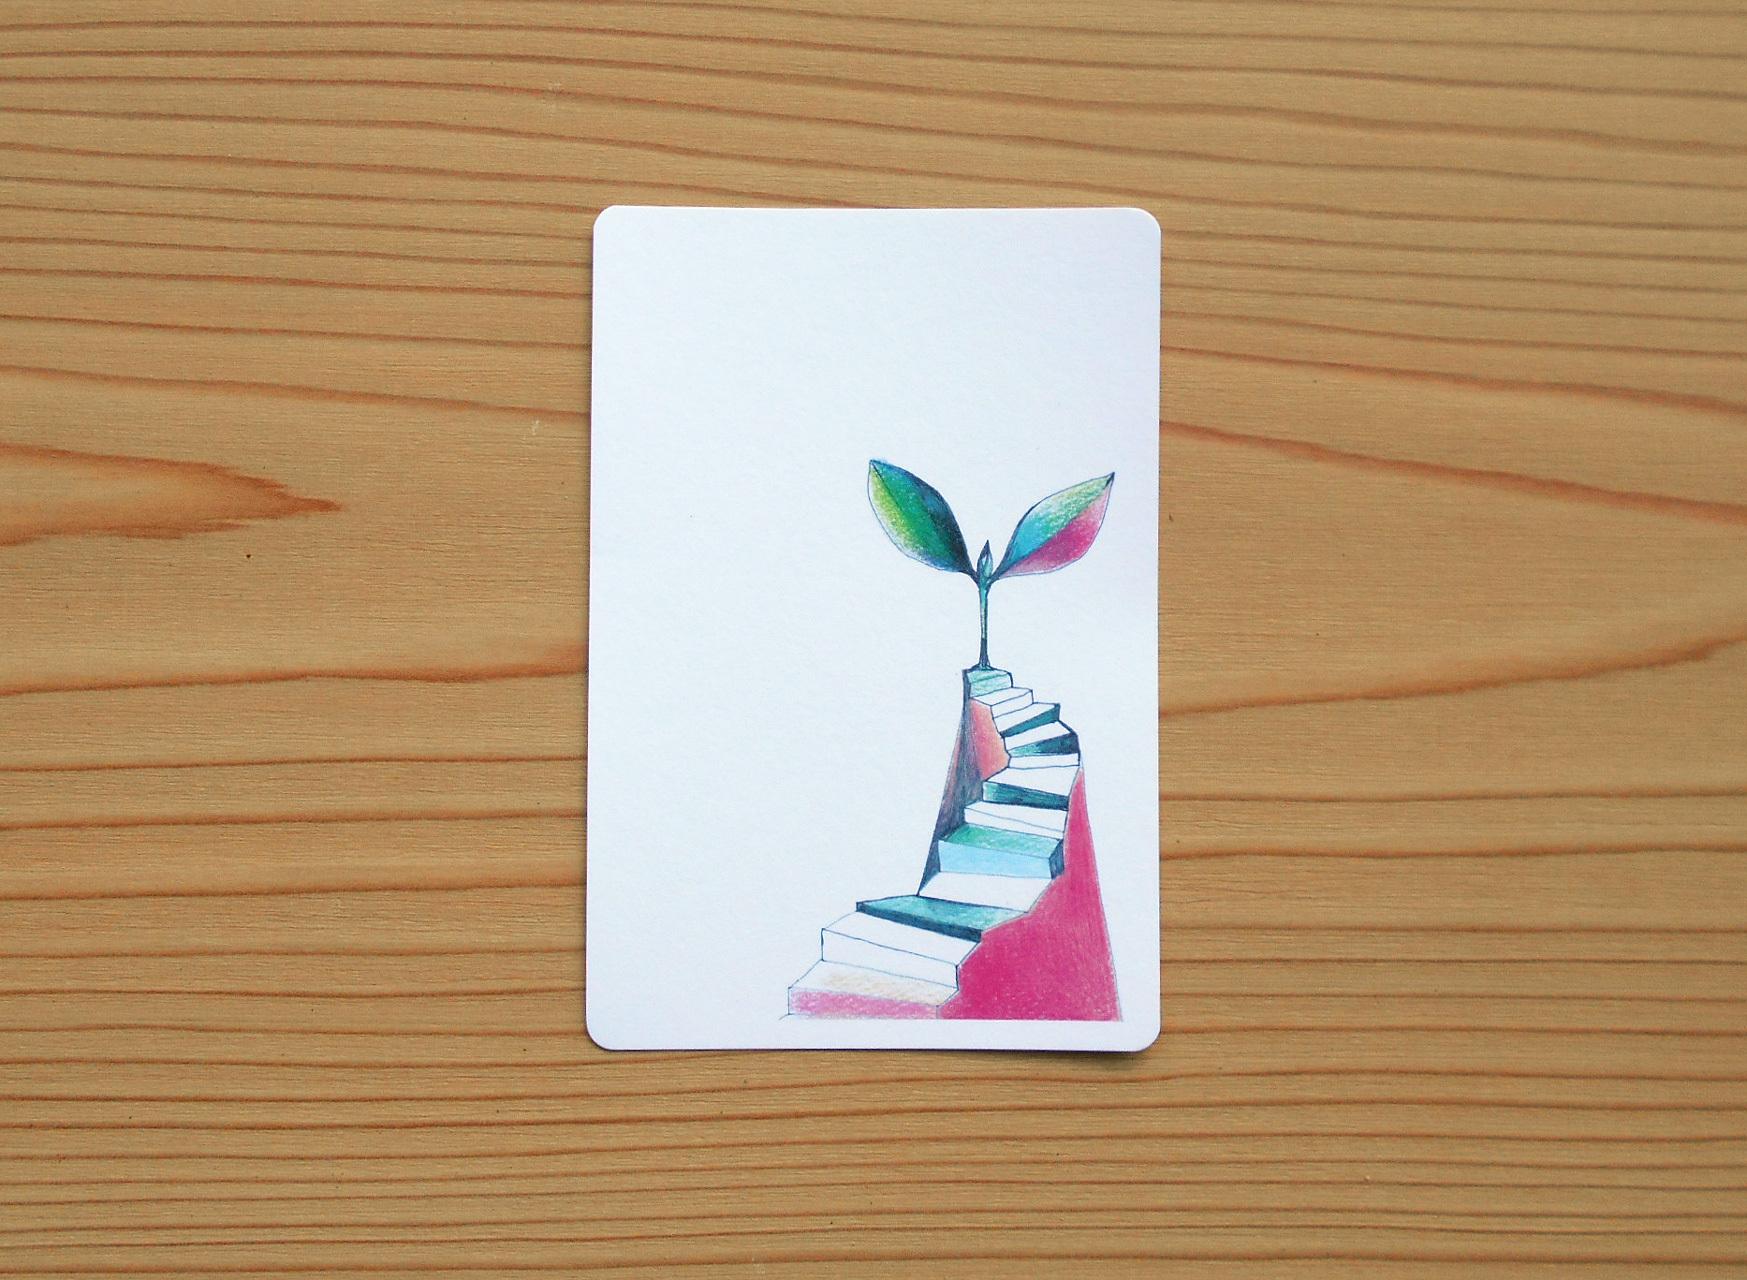 たまあーとポストカード3枚セット(No.1~3)